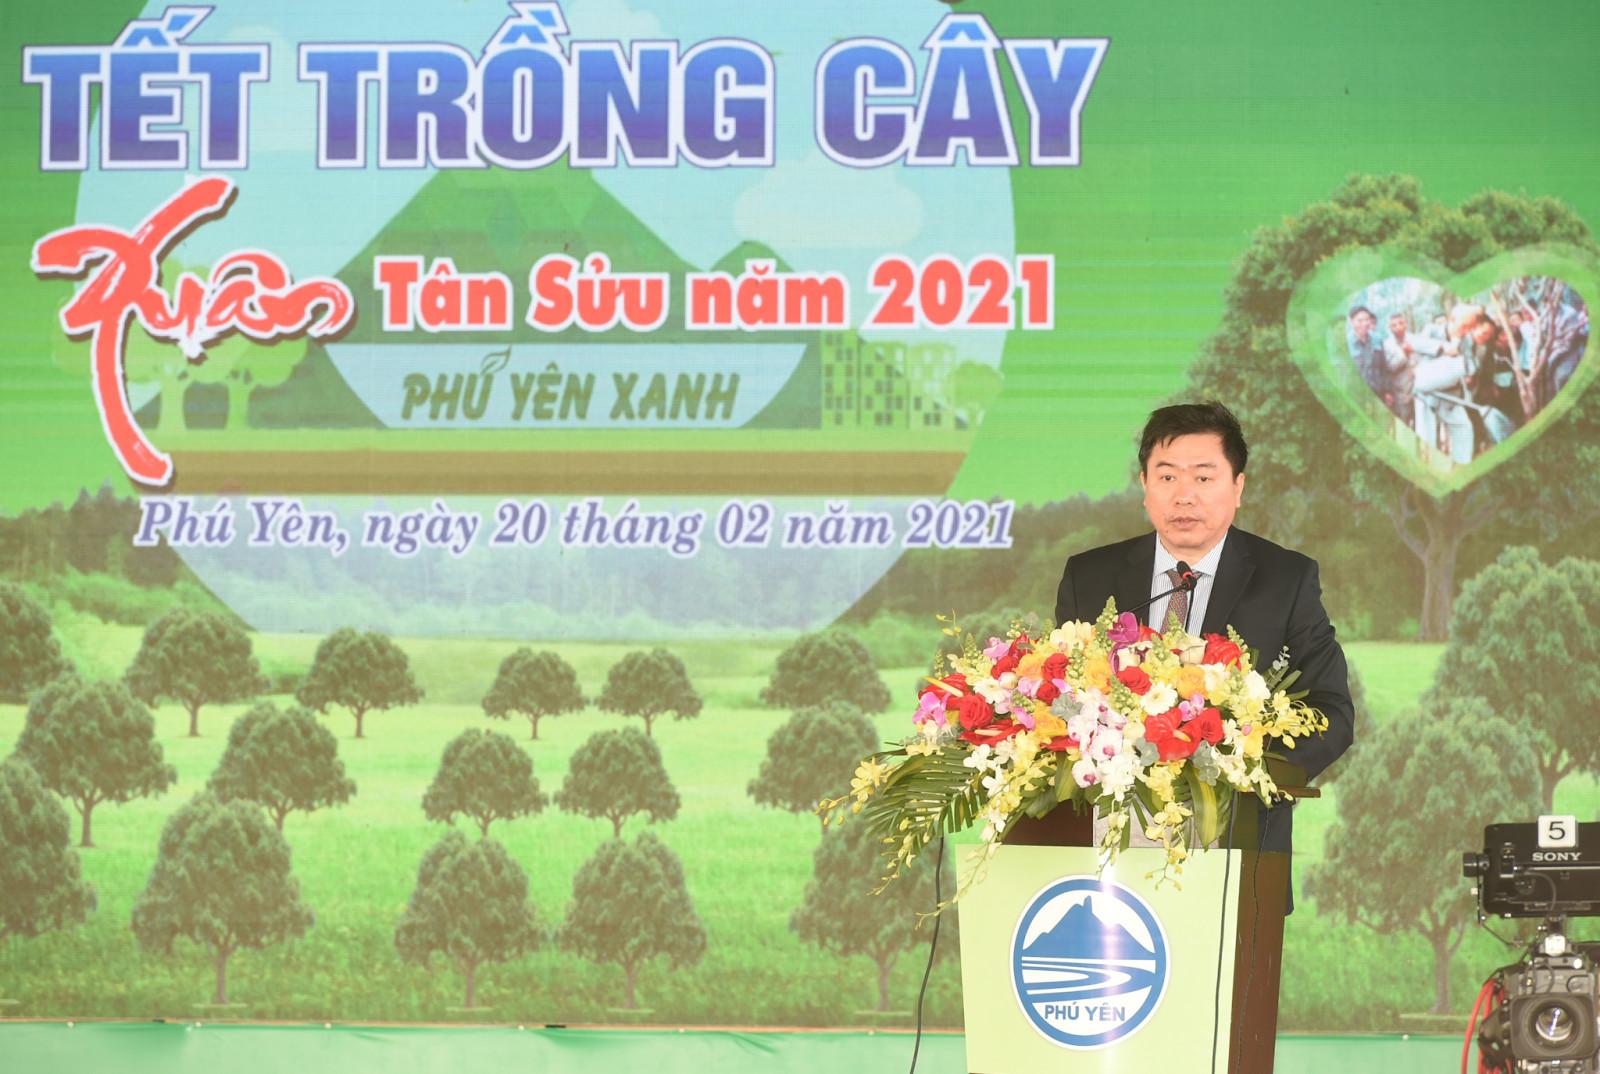 Phó Bí thư Tỉnh ủy, Chủ tịch UBND tỉnh Phú Yên Trần Hữu Thế phát biểu khai mạc buổi lễ. (Ảnh: VGP/Quang Hiếu)